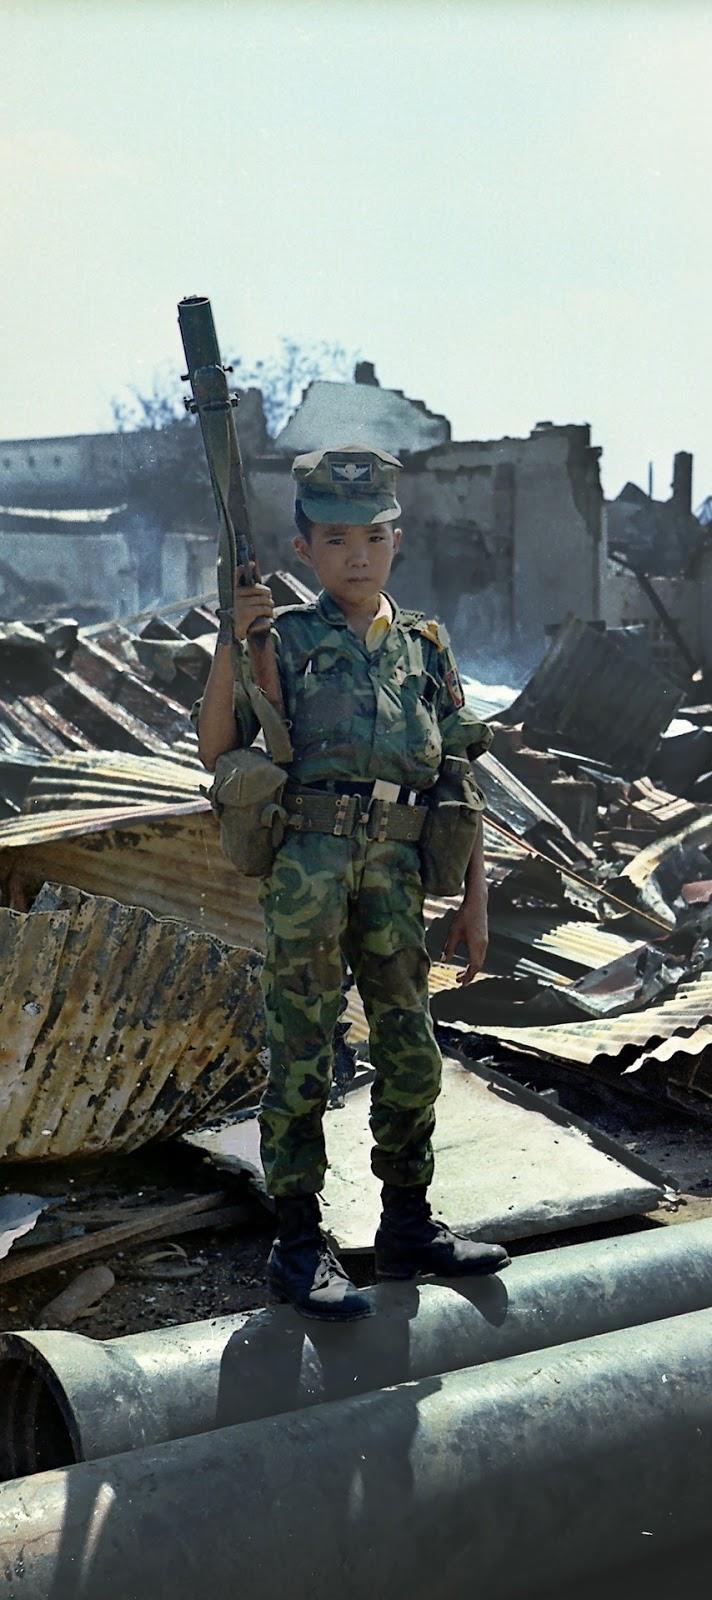 Boy soldier.